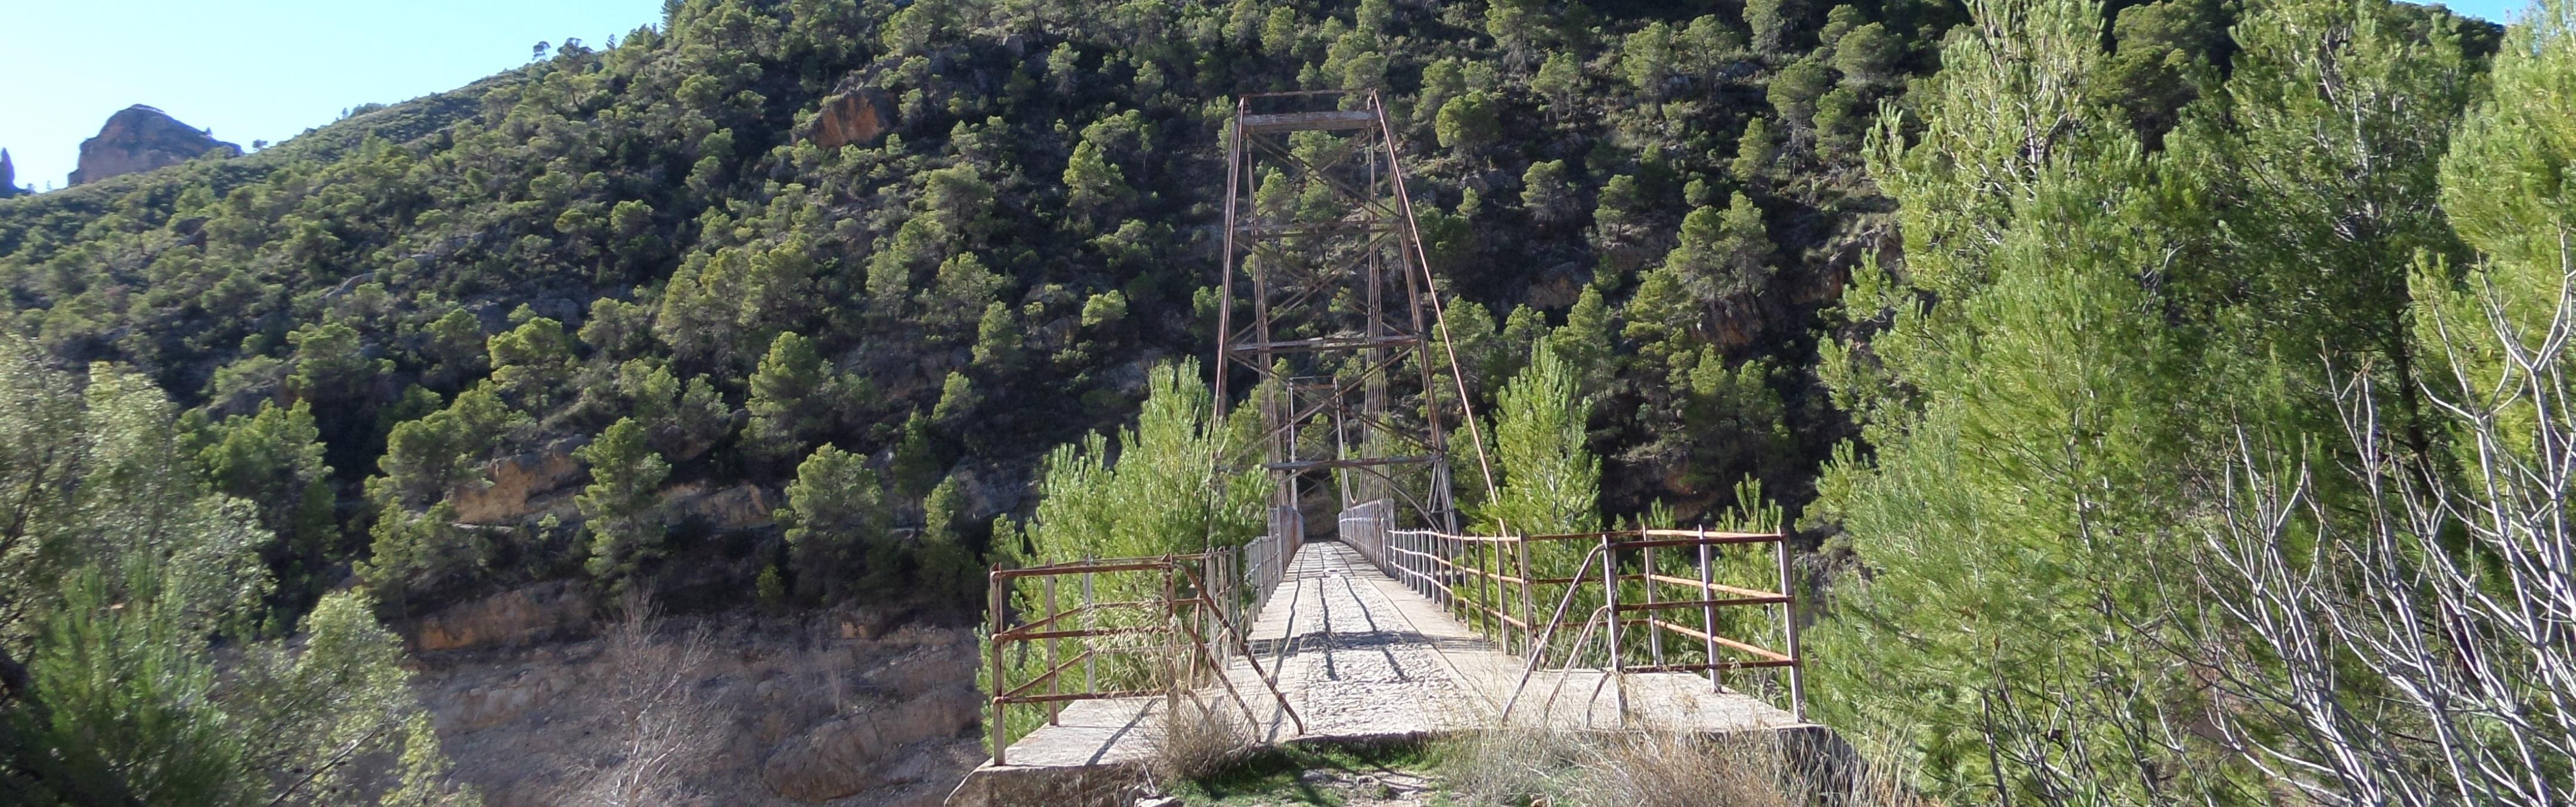 El puente Colgante